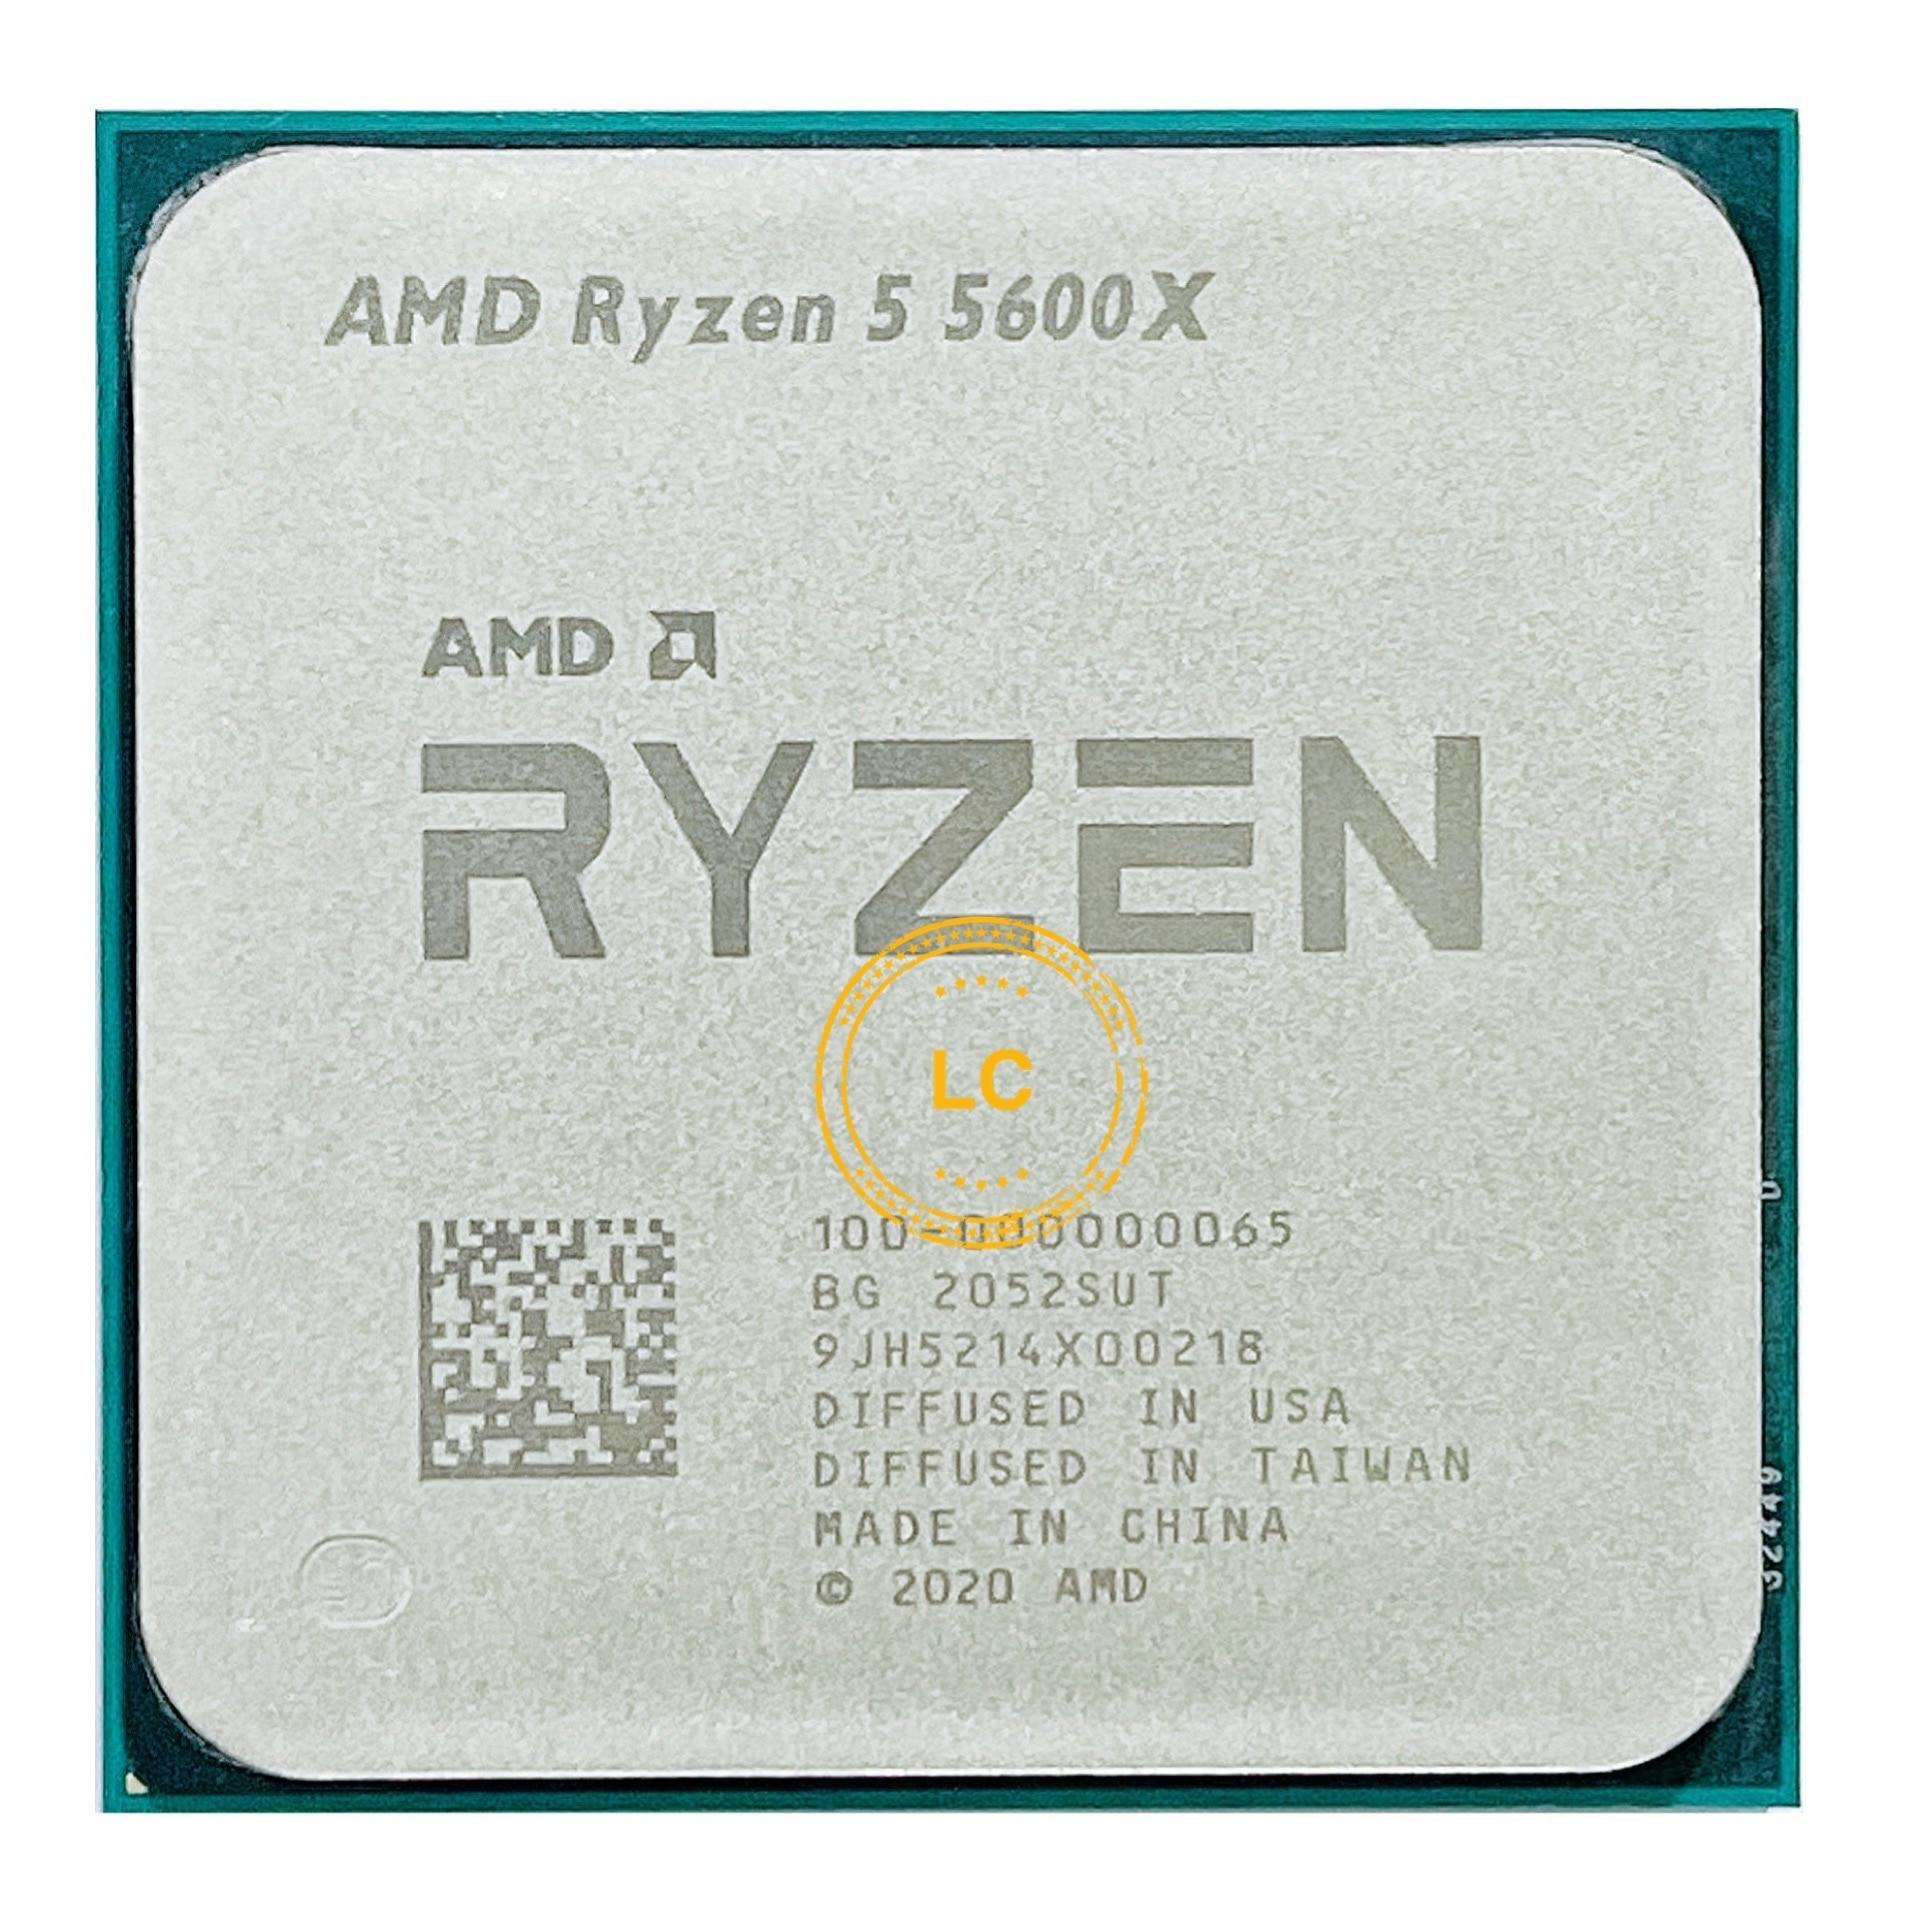 [해외] AMD Ryzen 5 5600X R5 5600X 3.7 GHz 6 코어 12 스레드 CPU 프로세서, 7NM 65W L3 = 32M 100-000000065 소켓 AM4